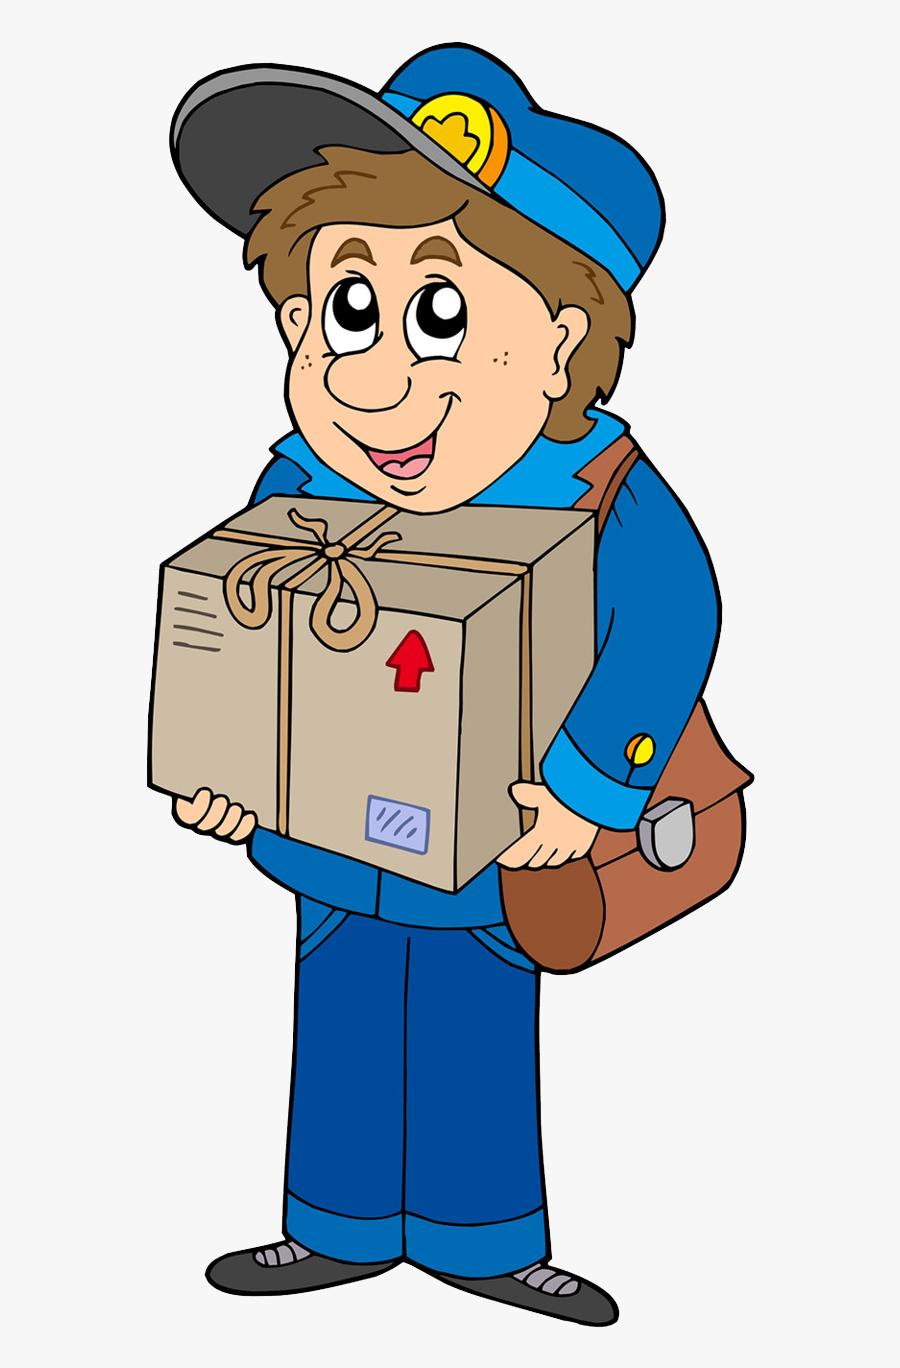 Postman Png Pics - Mailman Delivering A Box, Transparent Clipart